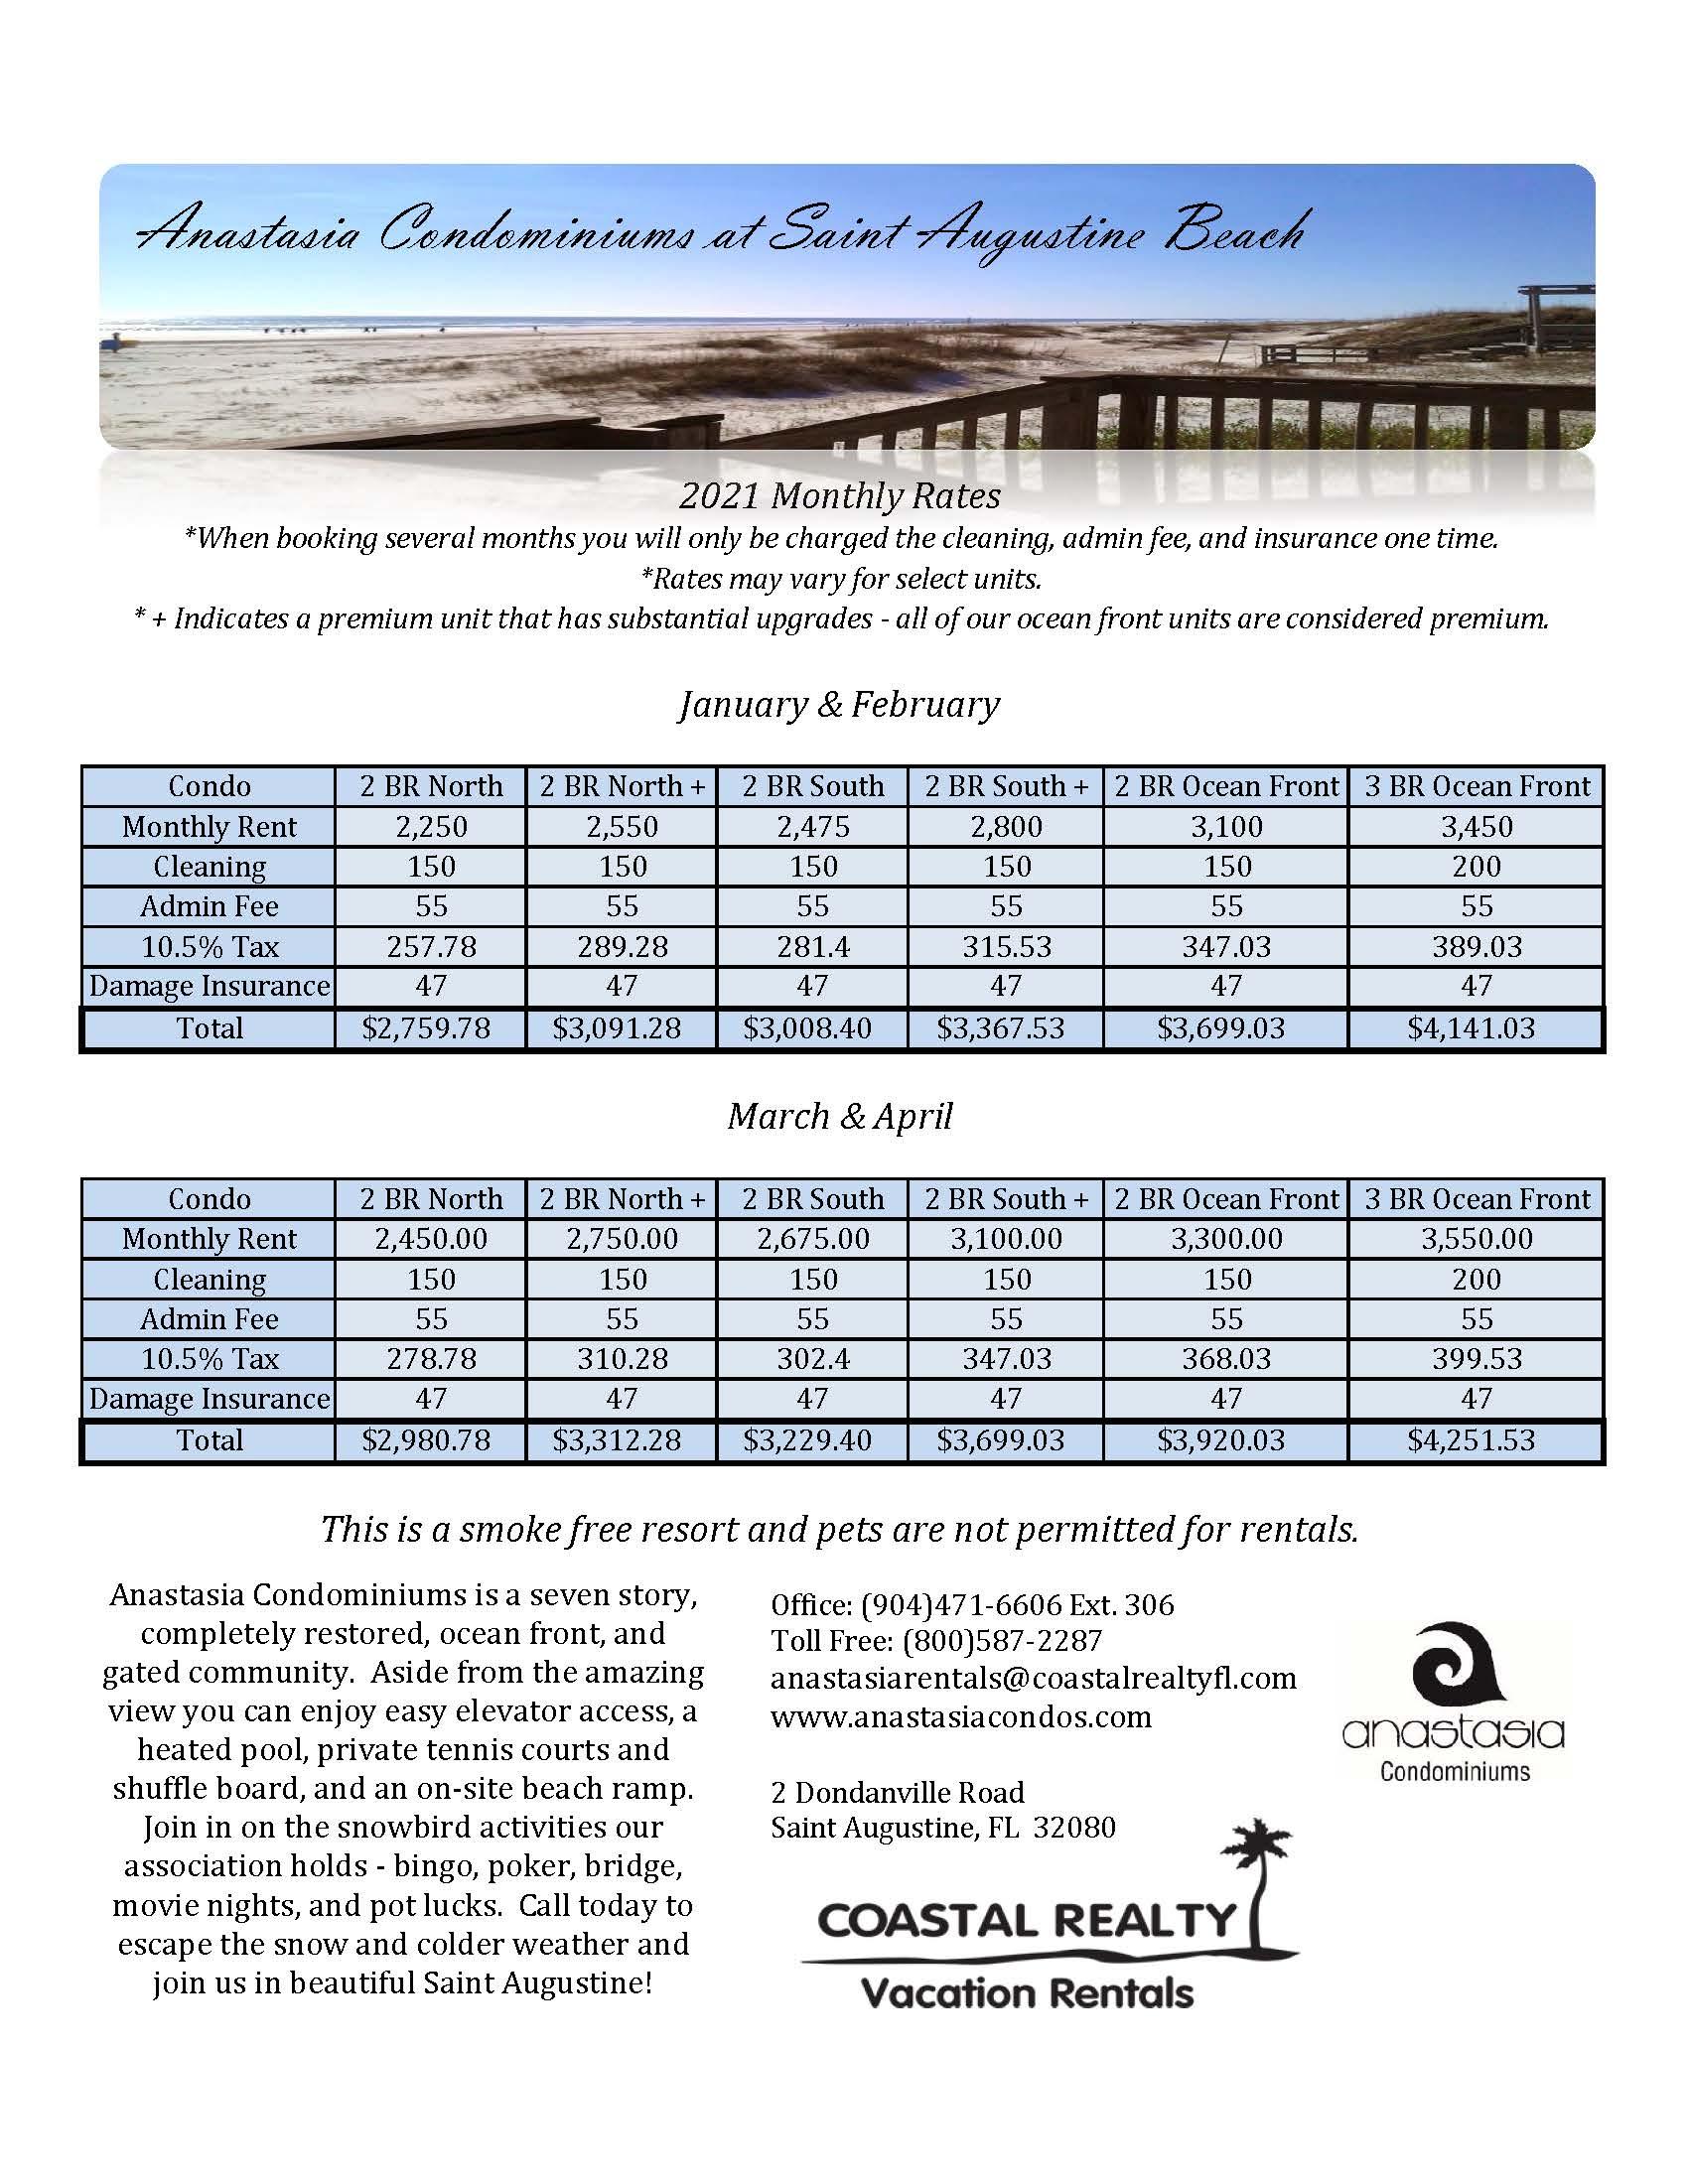 2020 2021 monthly rates at anastasia condominiums